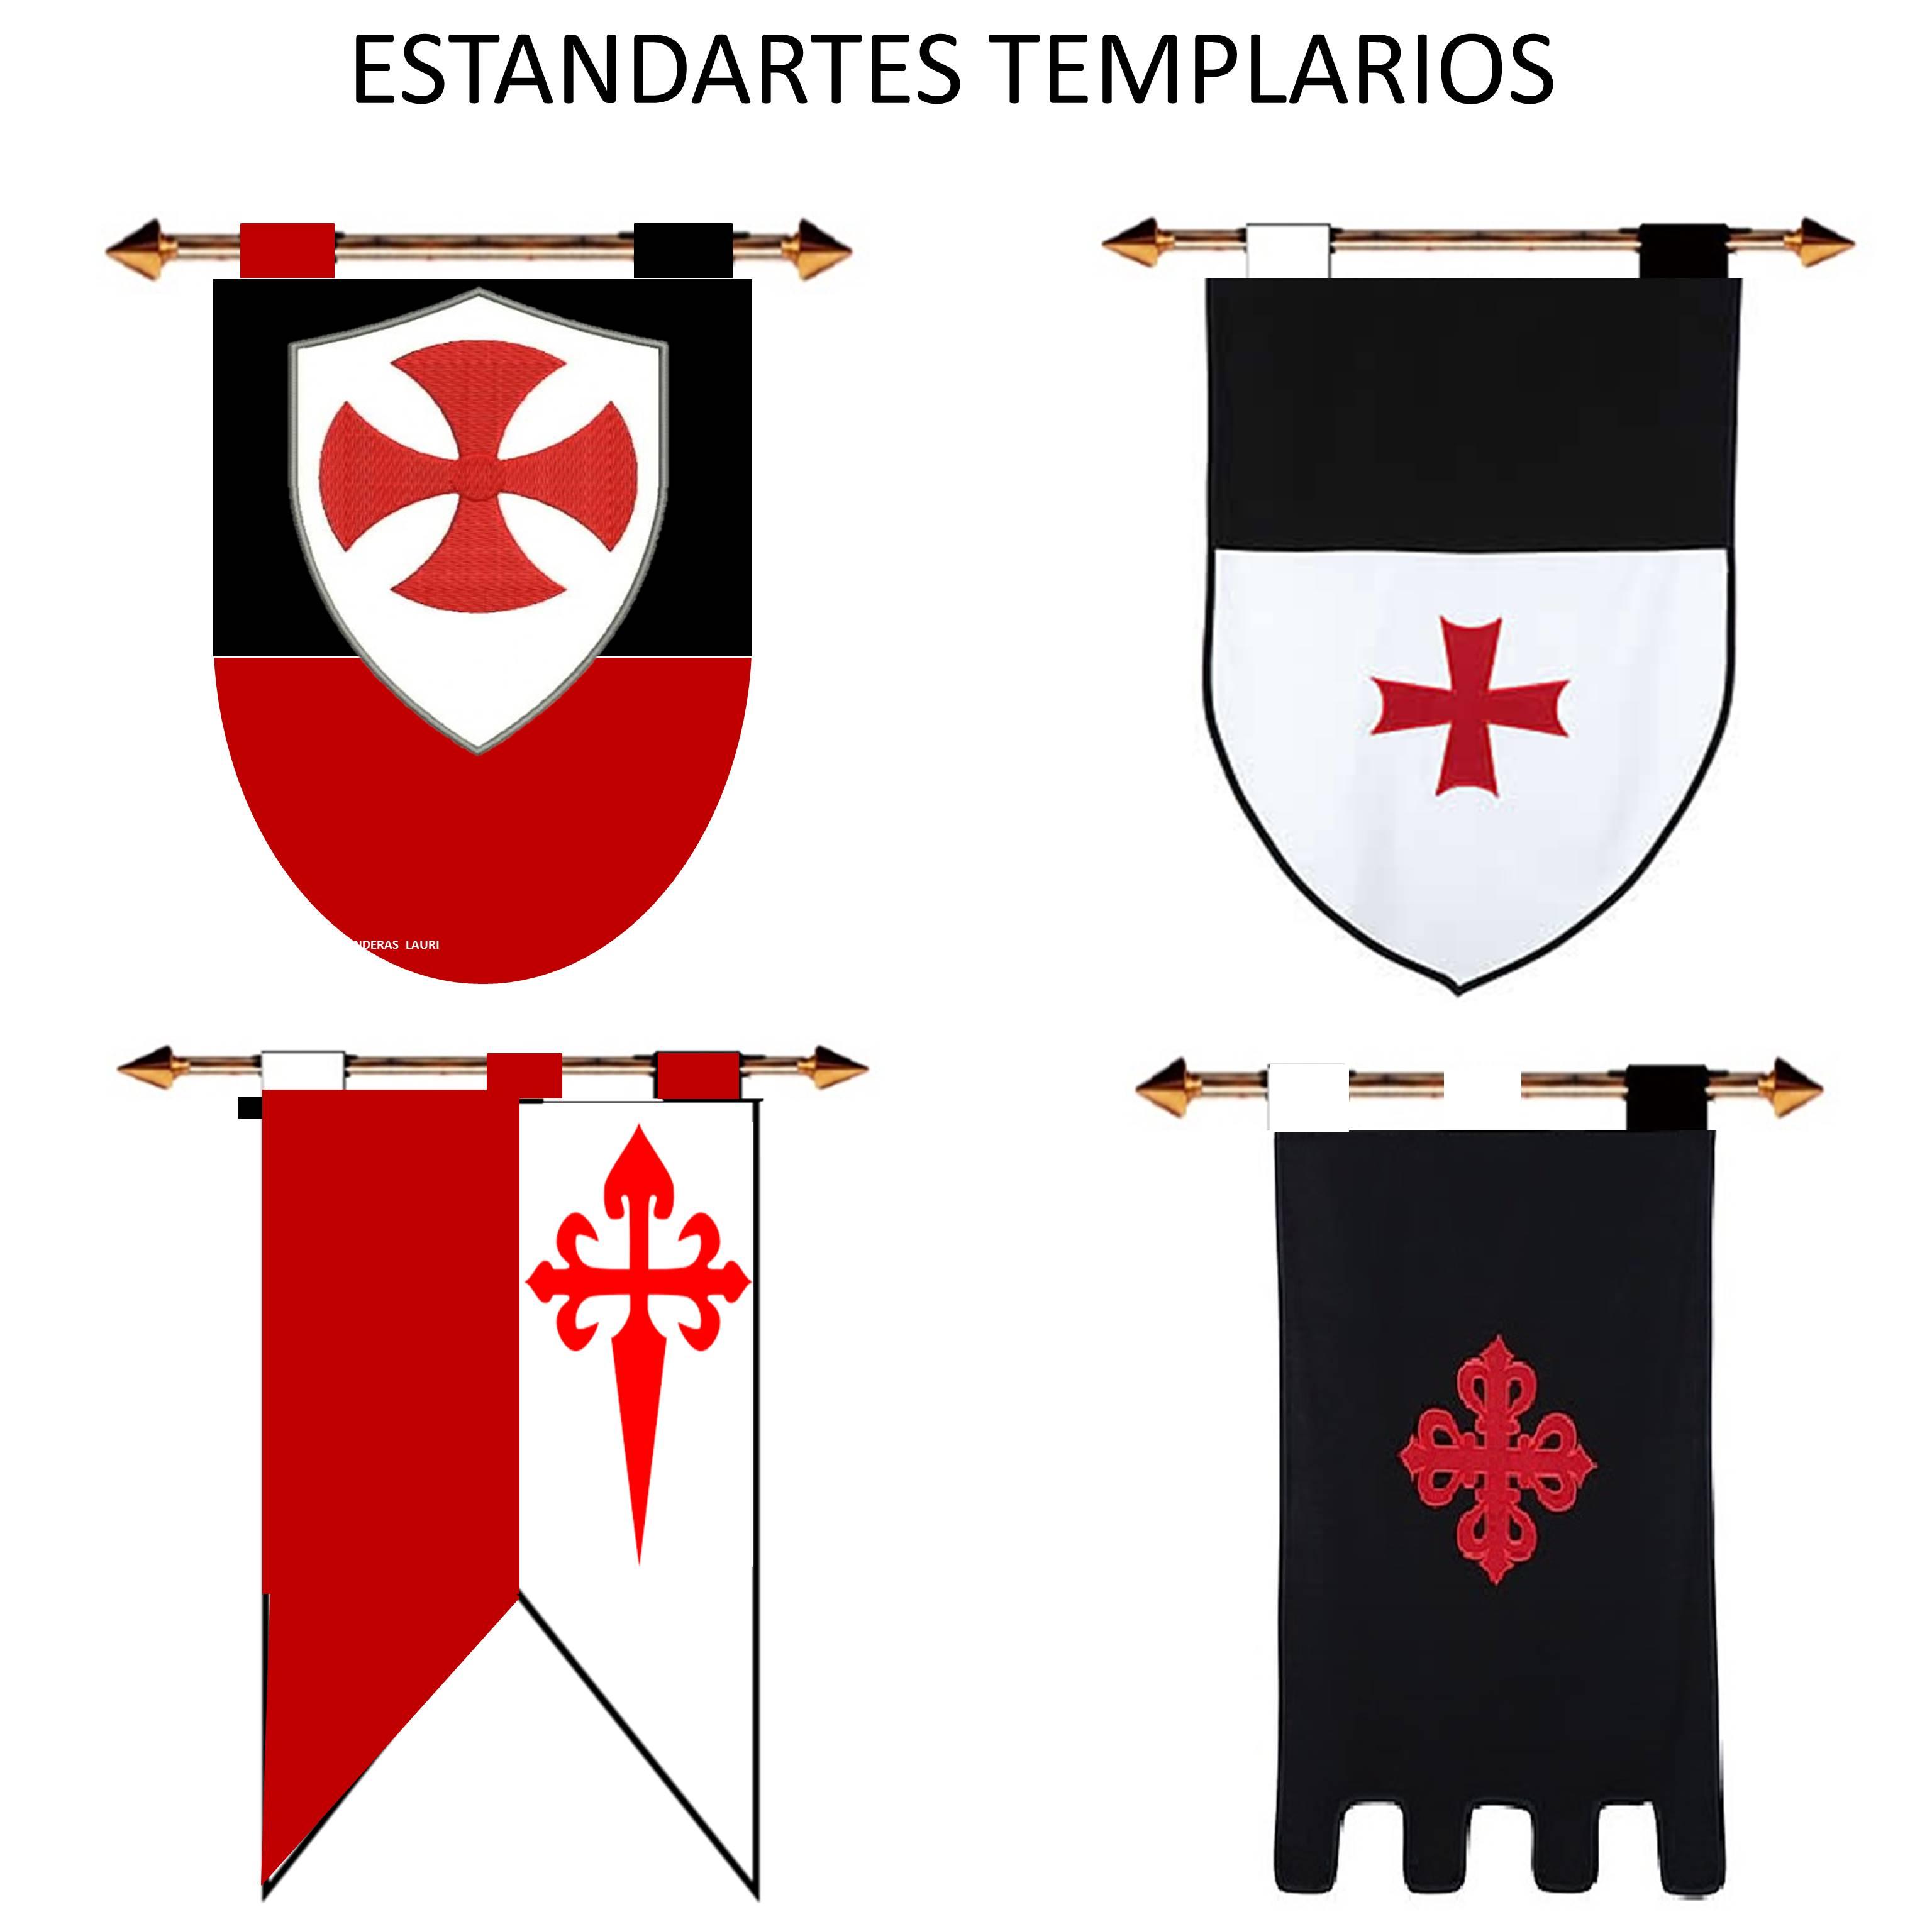 ESTANDARTES TEMPLARIOS MEDIEVALES